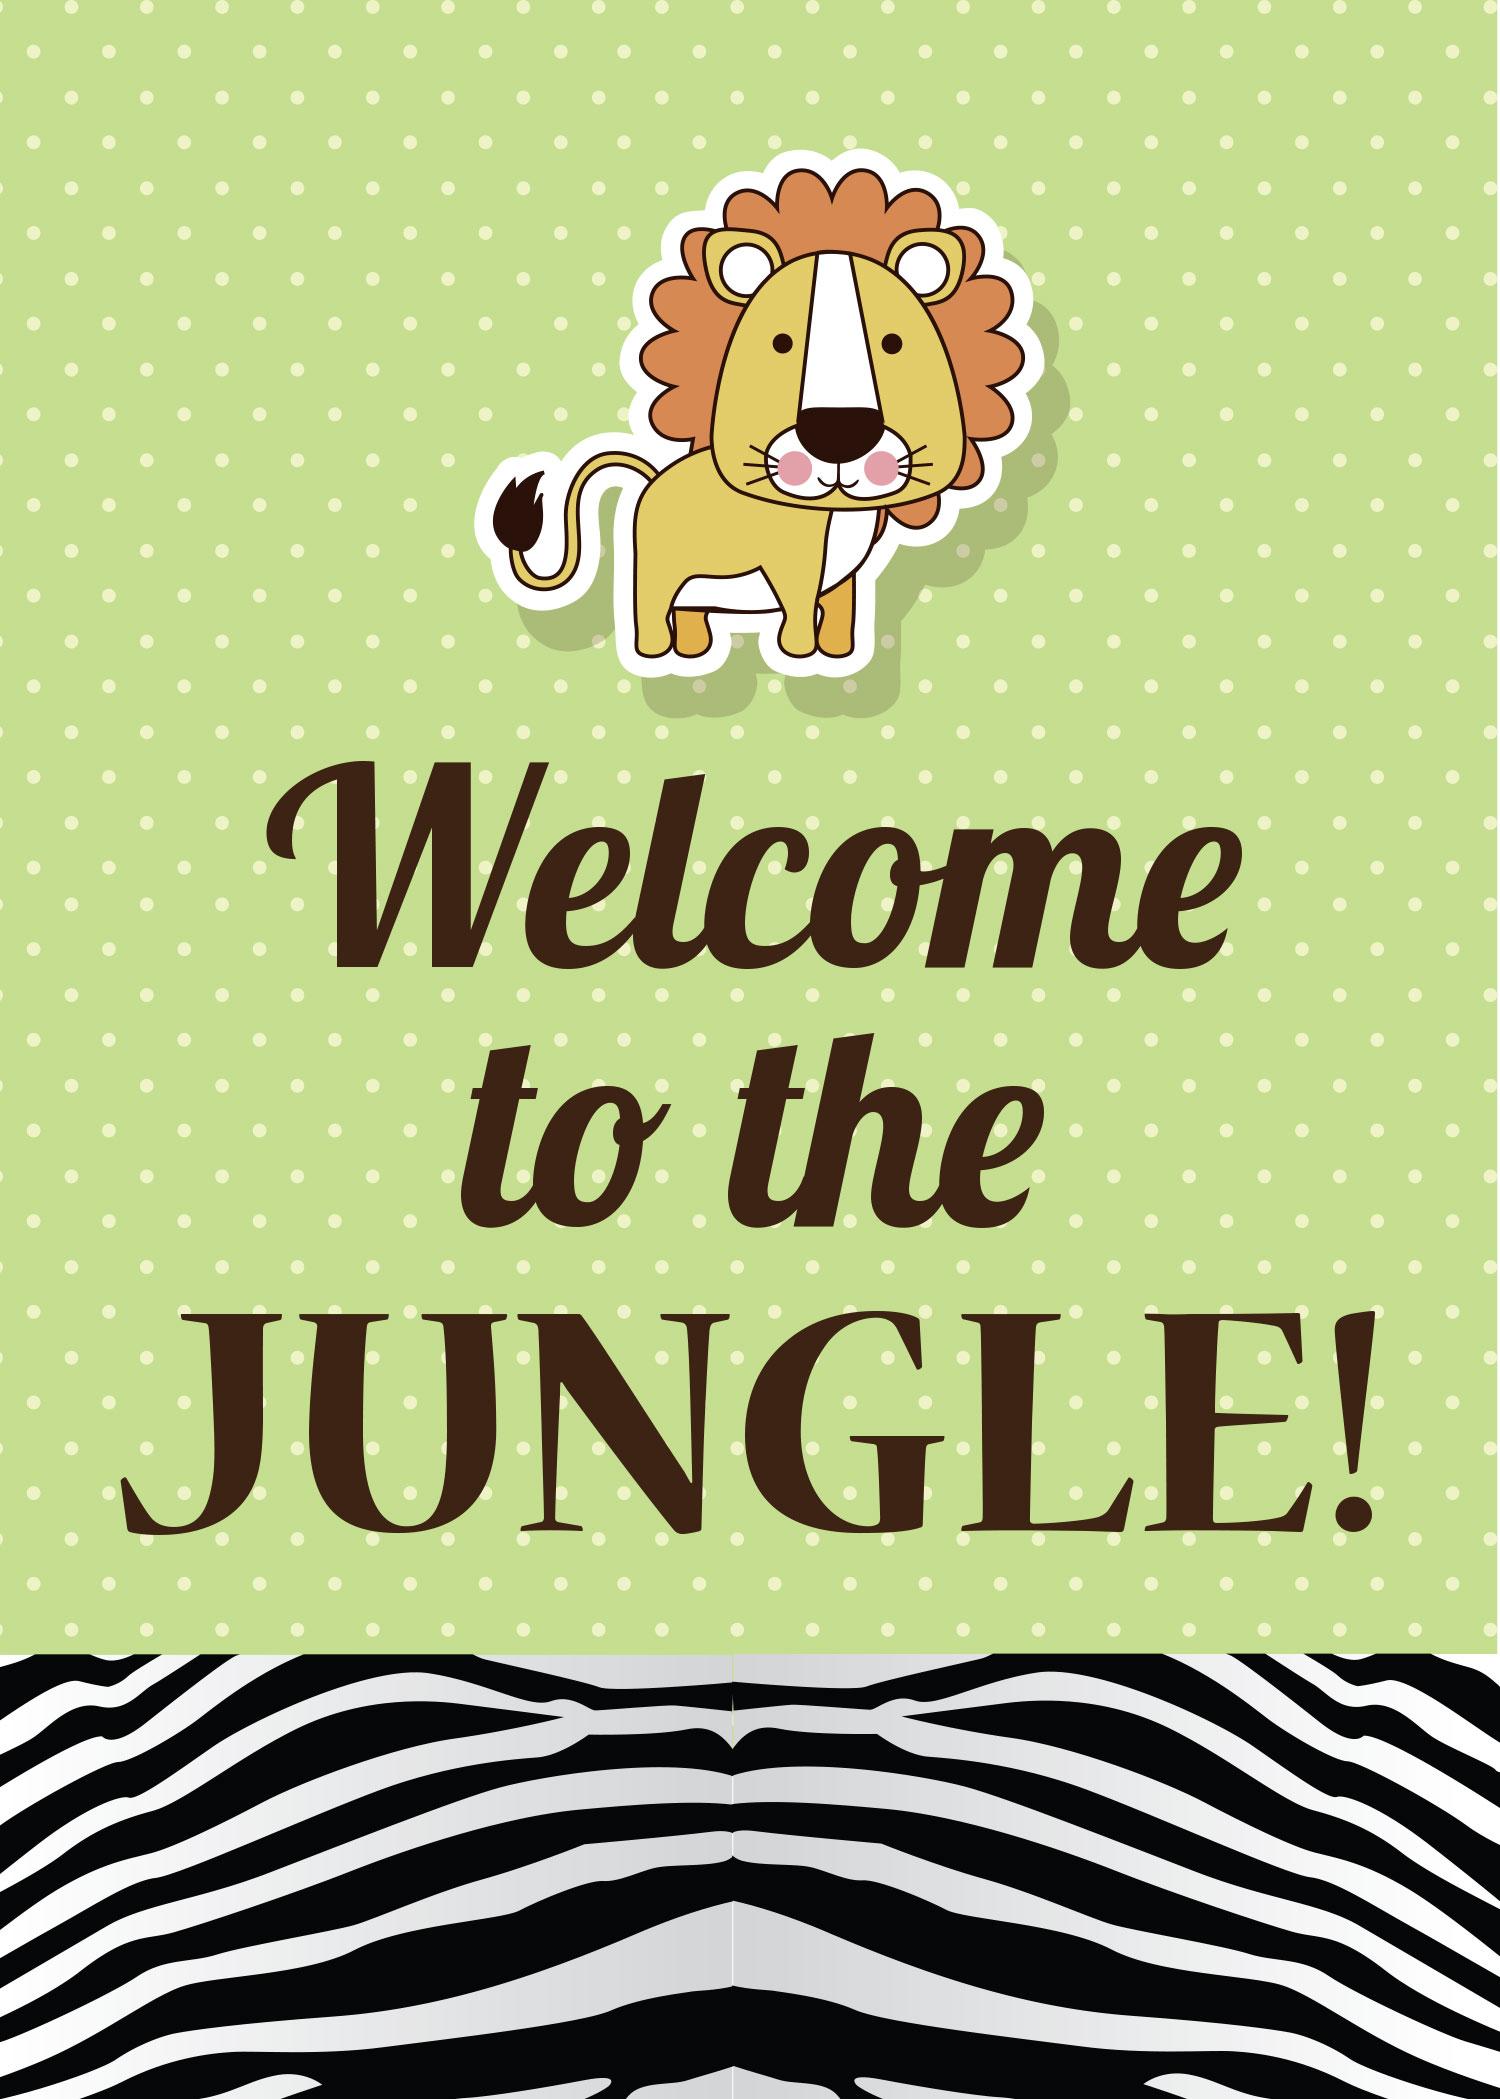 Friday Freebie Safari Theme Party Free Printables Rook Design Co